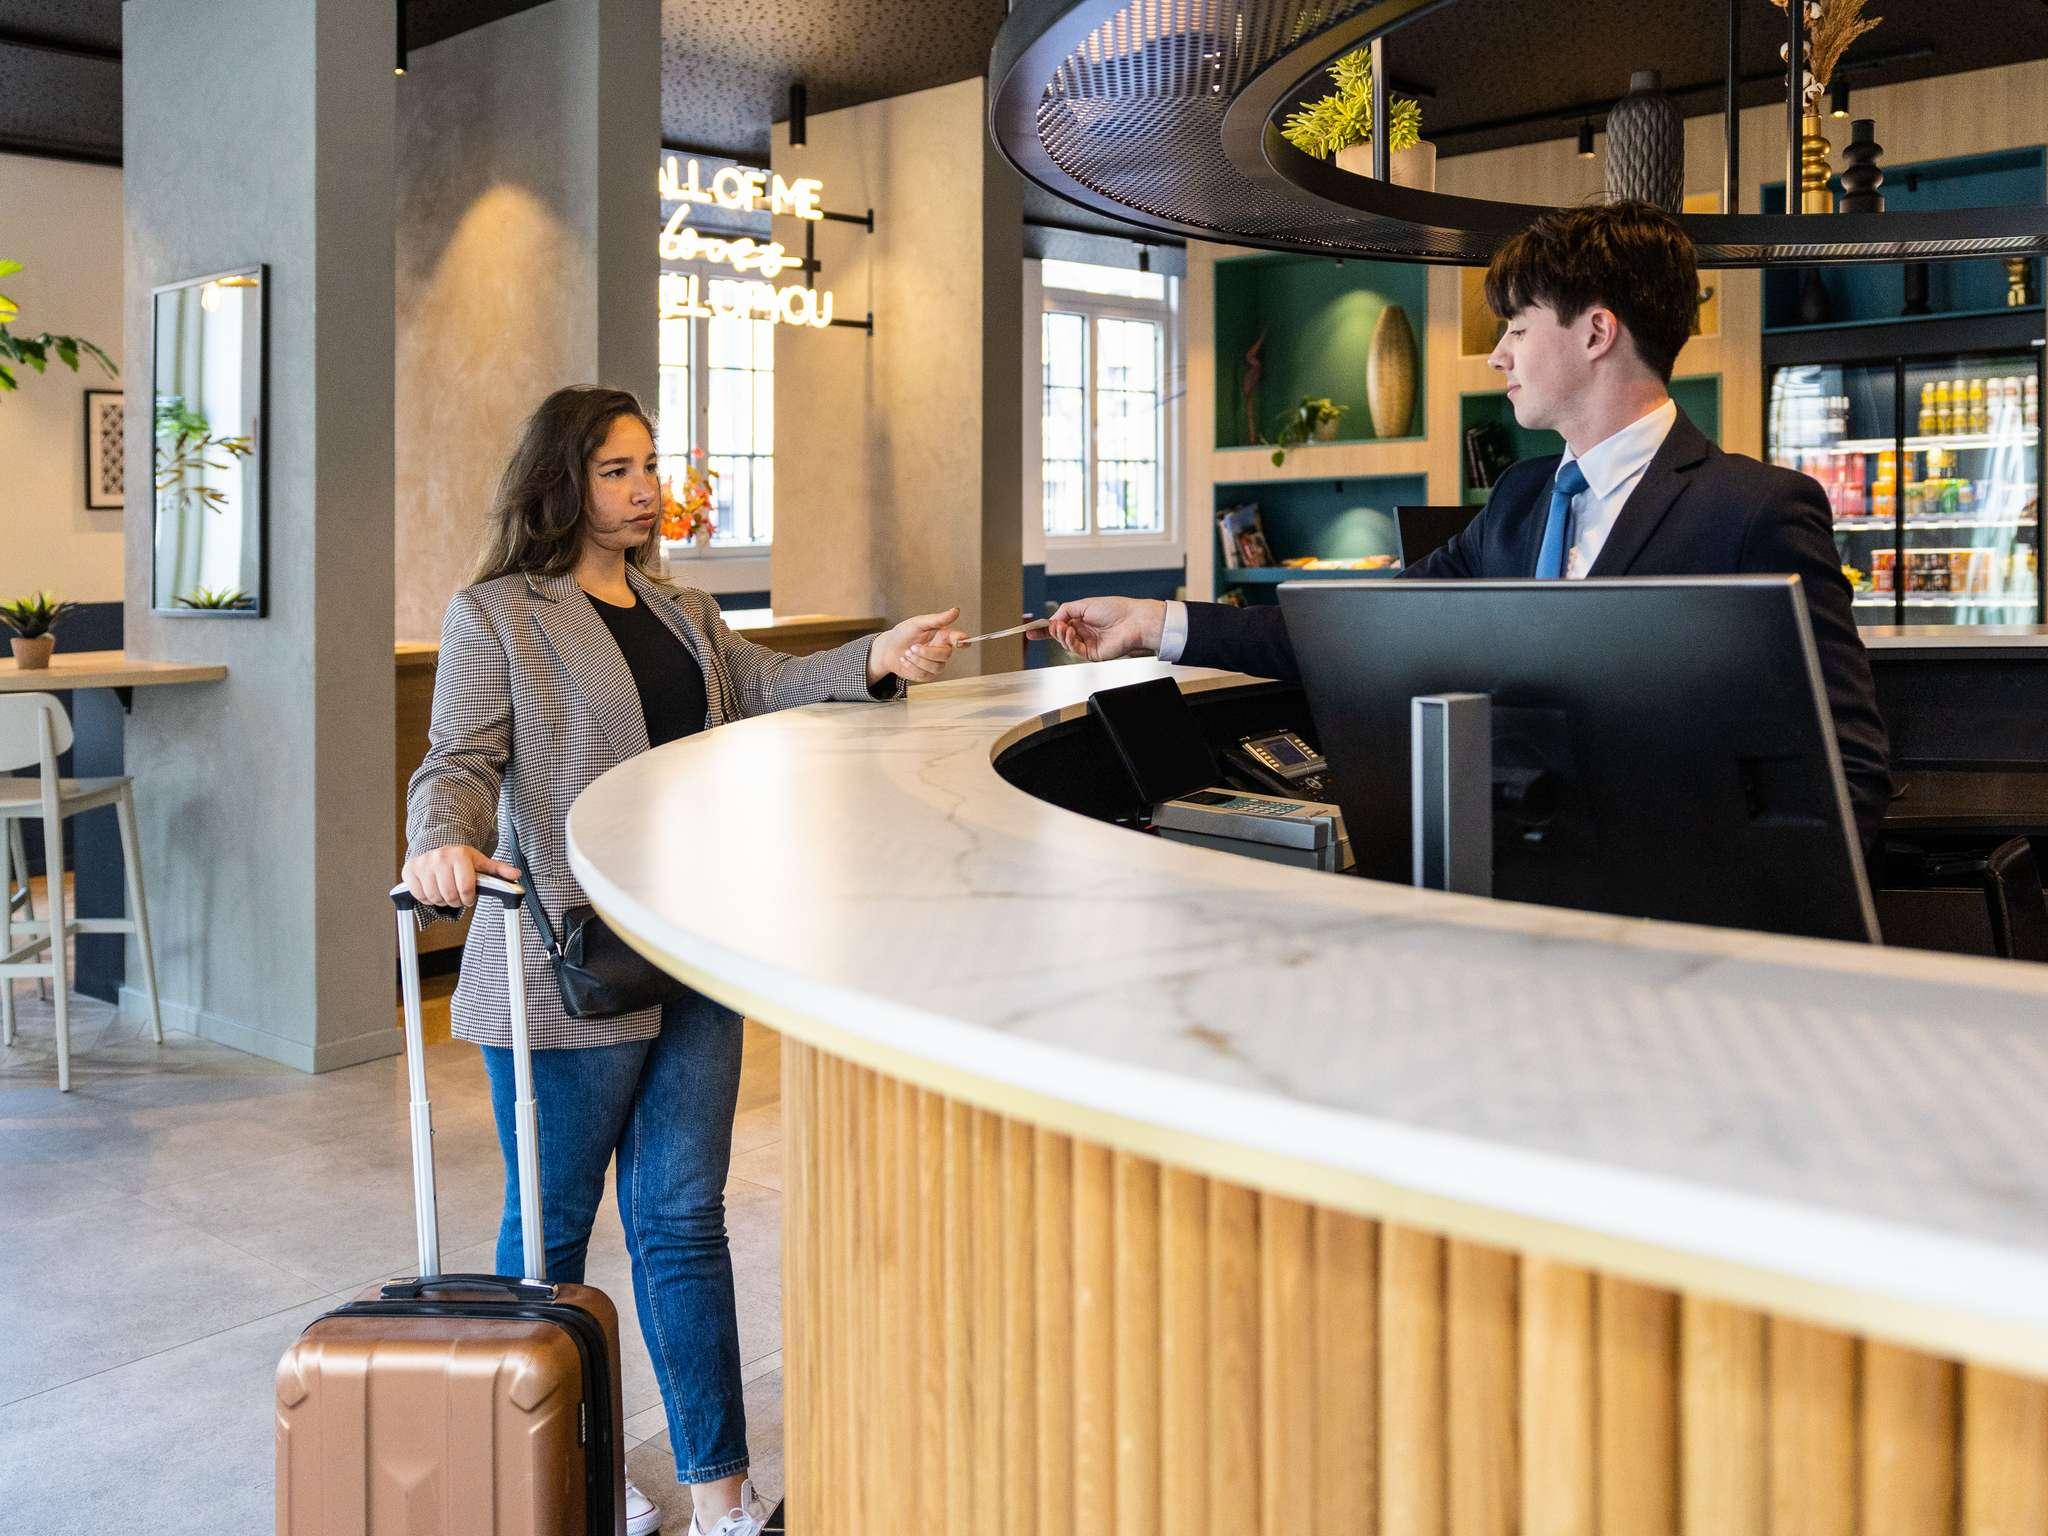 فندق - نوفوتيل Novotel براسيلز جراند بلاس